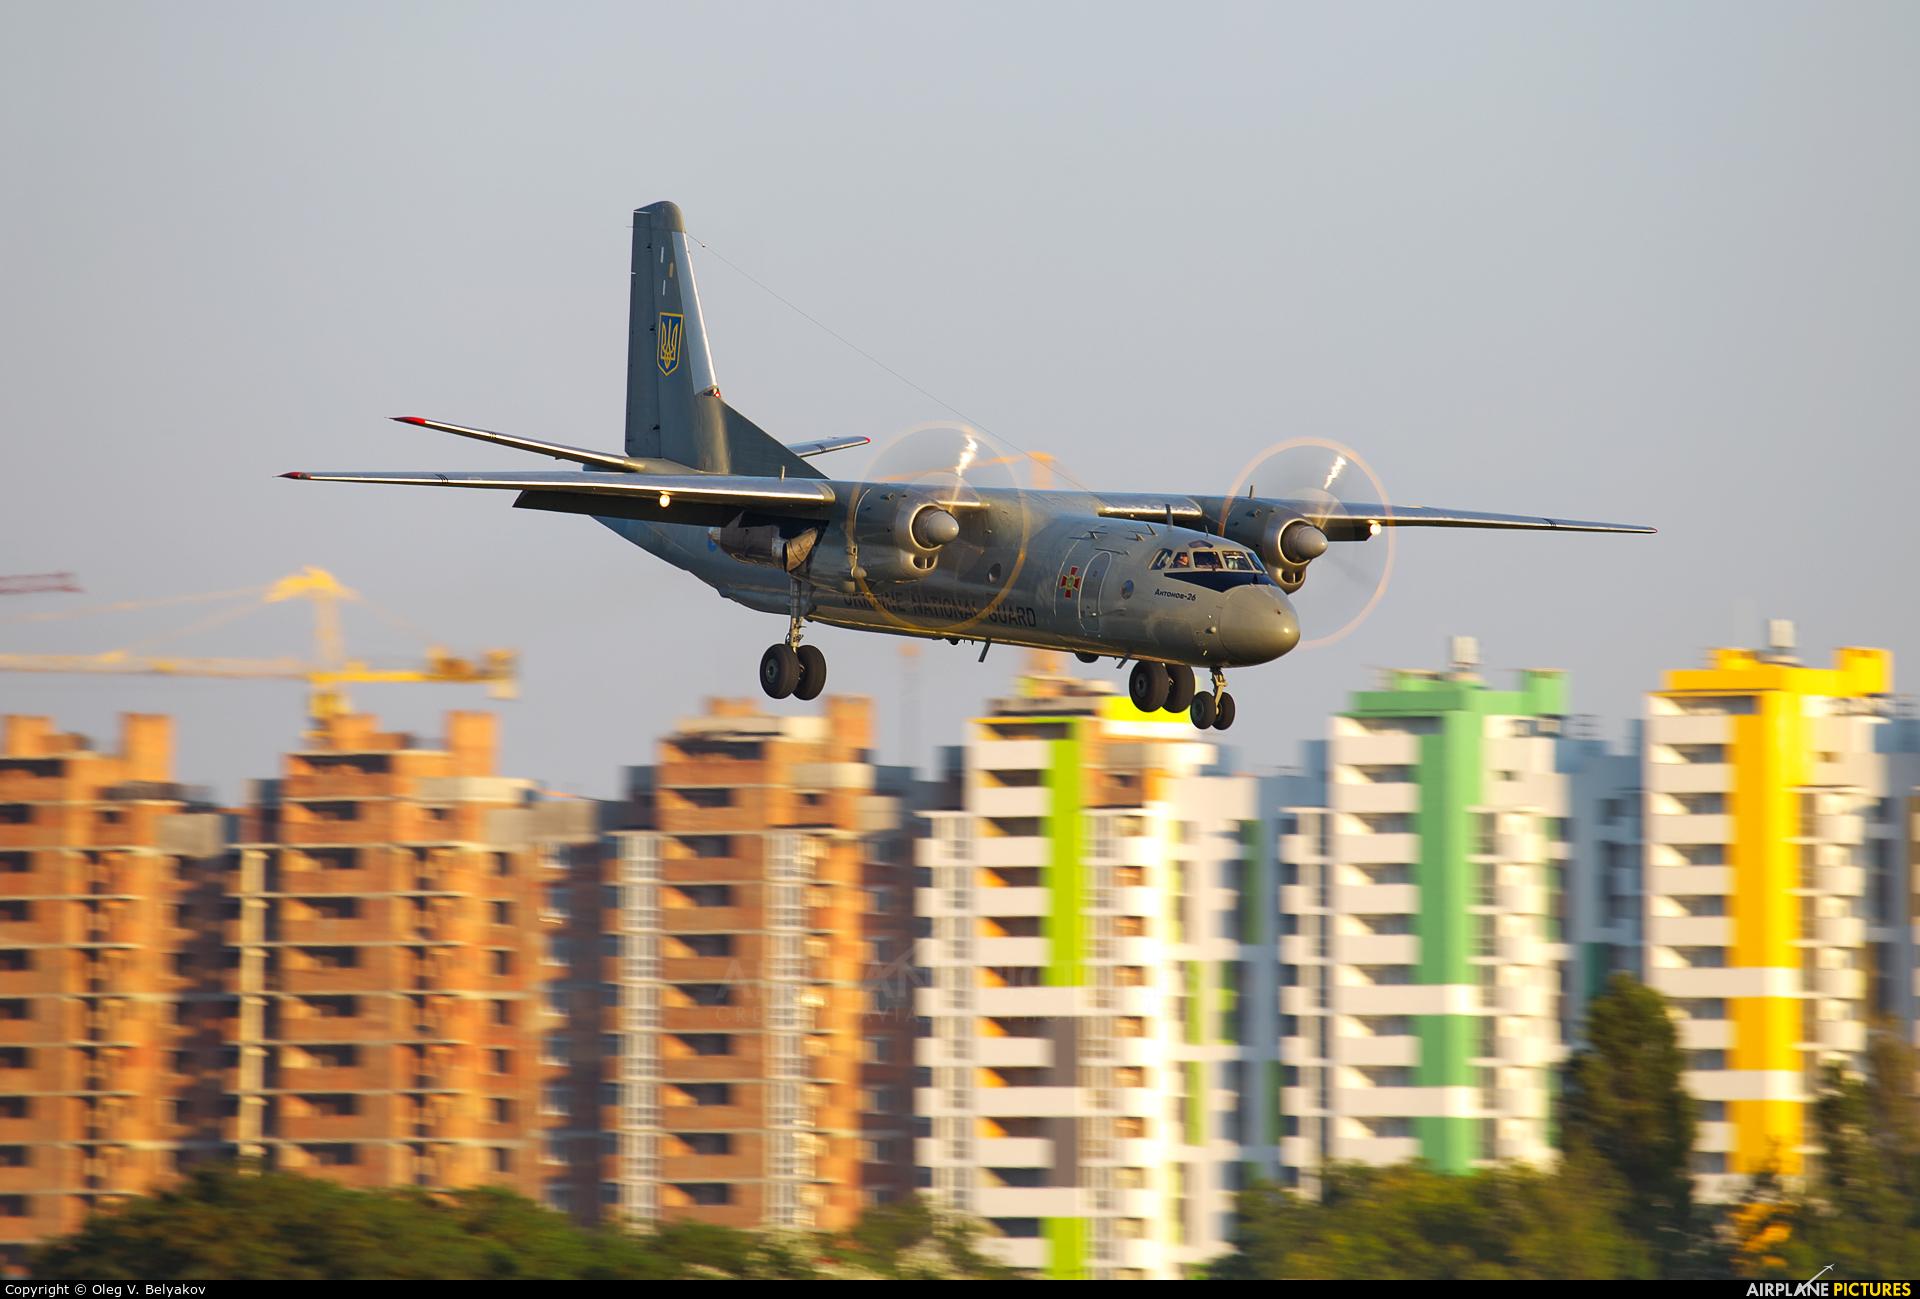 Ukraine - National Guard 05 aircraft at Kyiv - Zhulyany